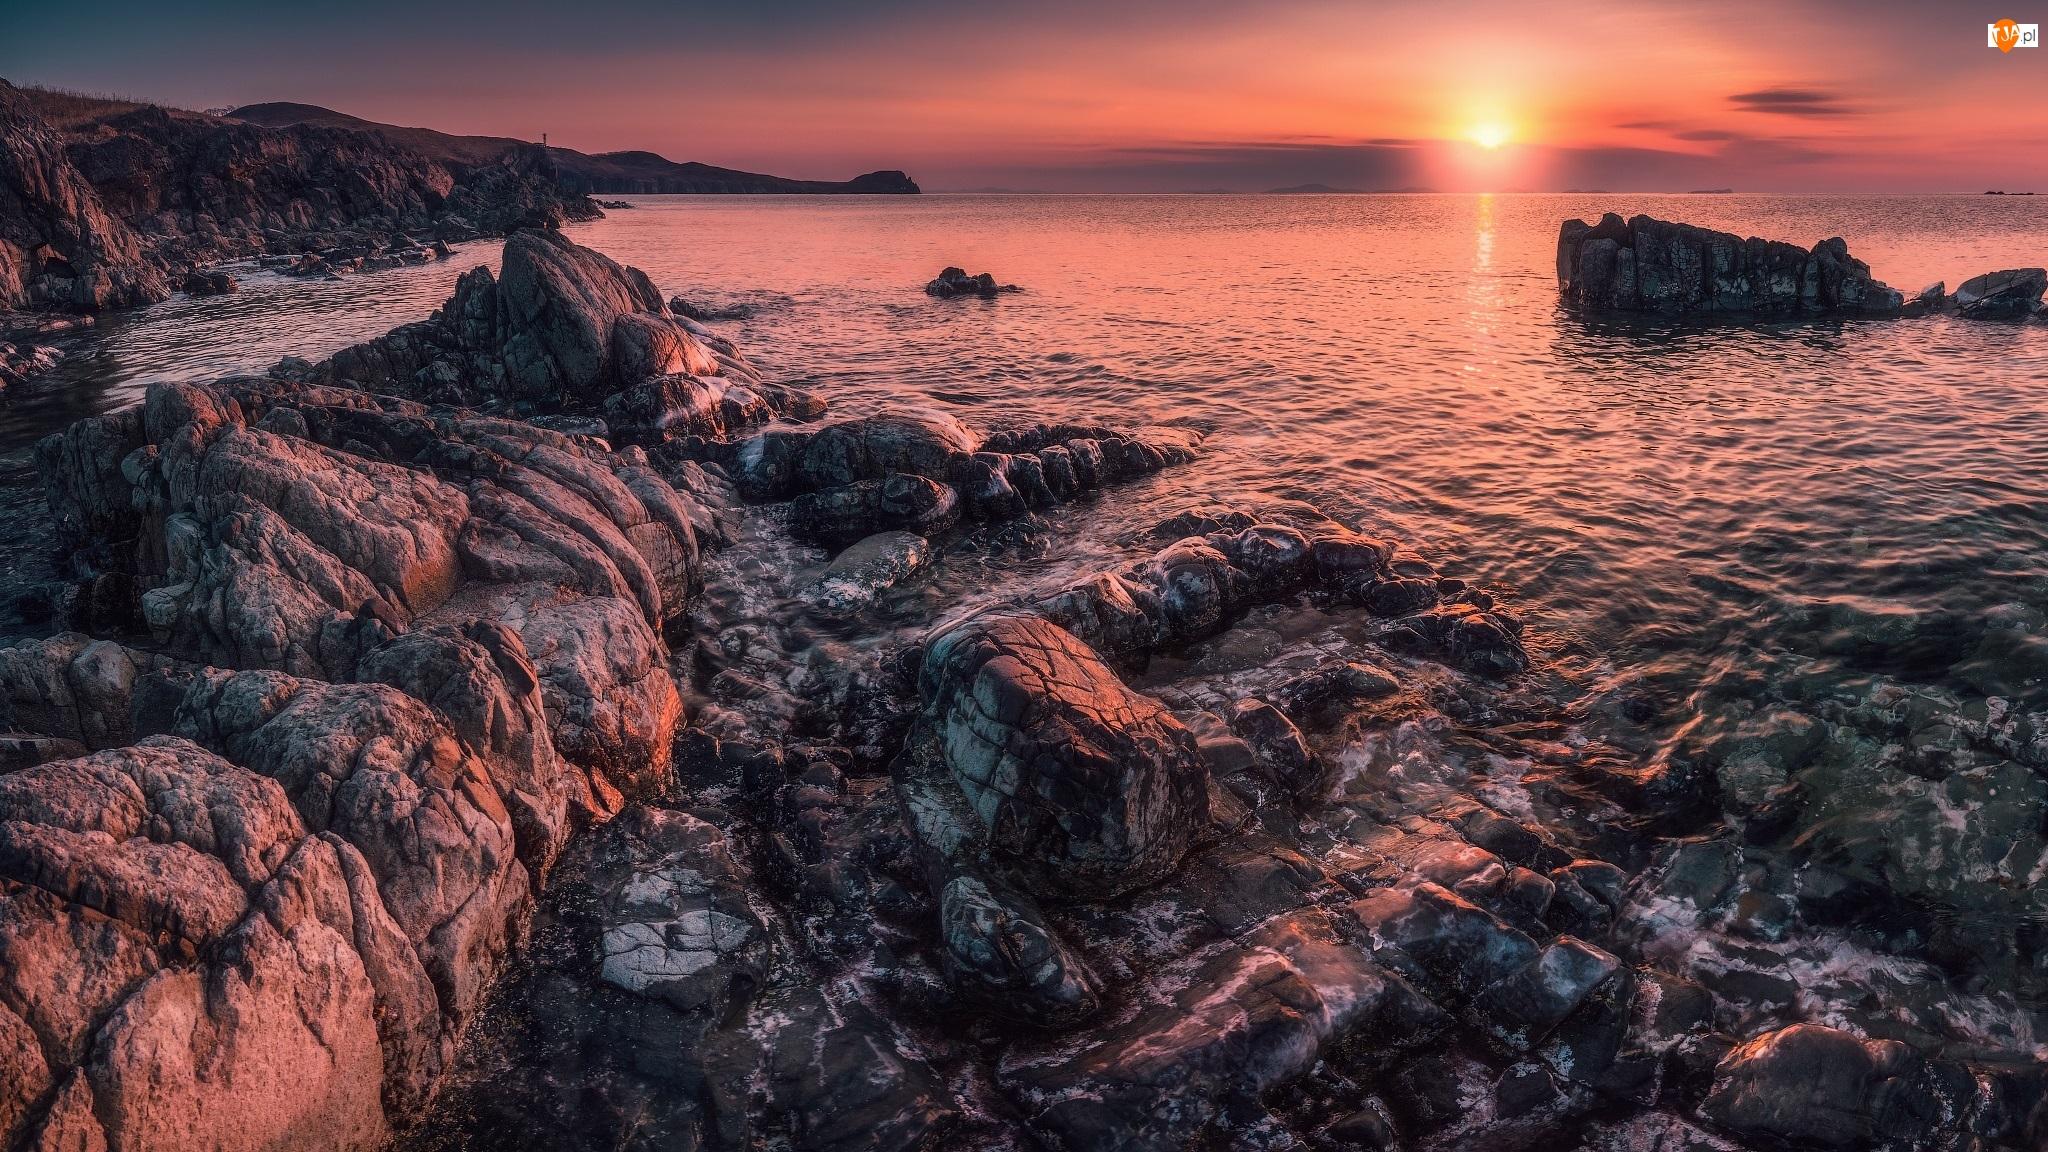 Morze Japońskie, Wybrzeże, Wschód słońca, Rosja, Skały, Kraj Nadmorski